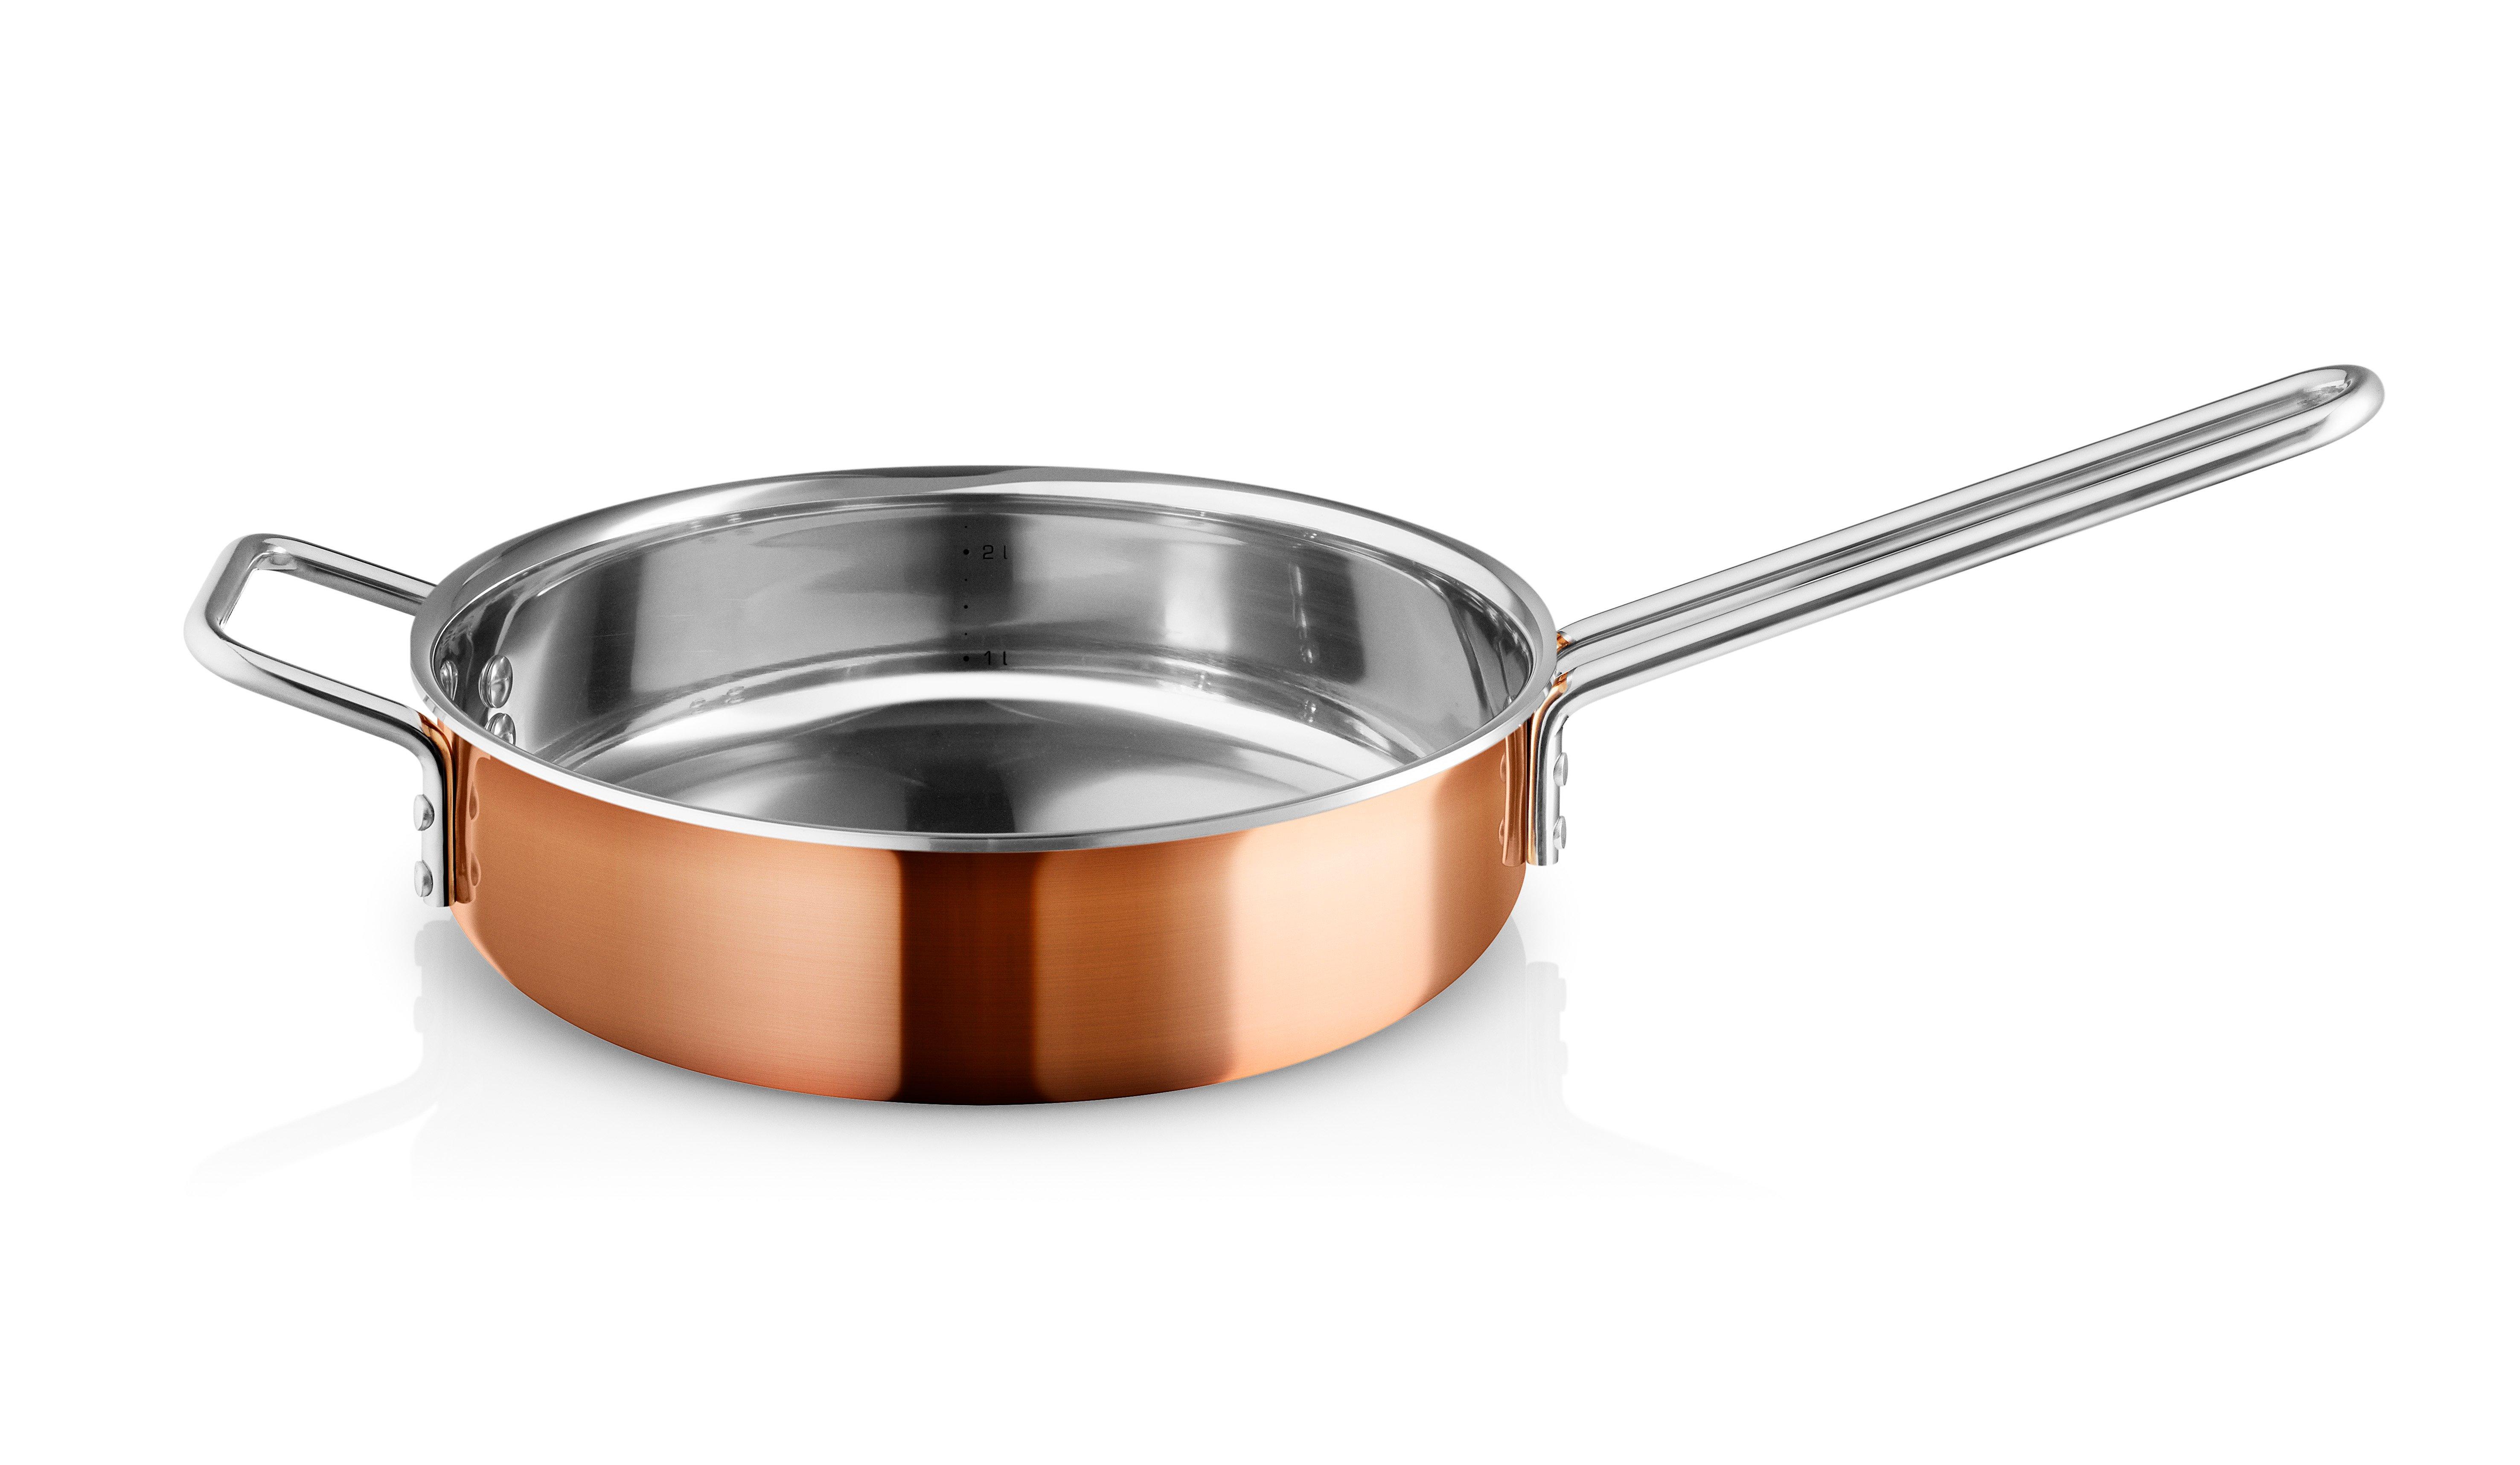 Eva Trio - Sauté Pan - Copper (271011)